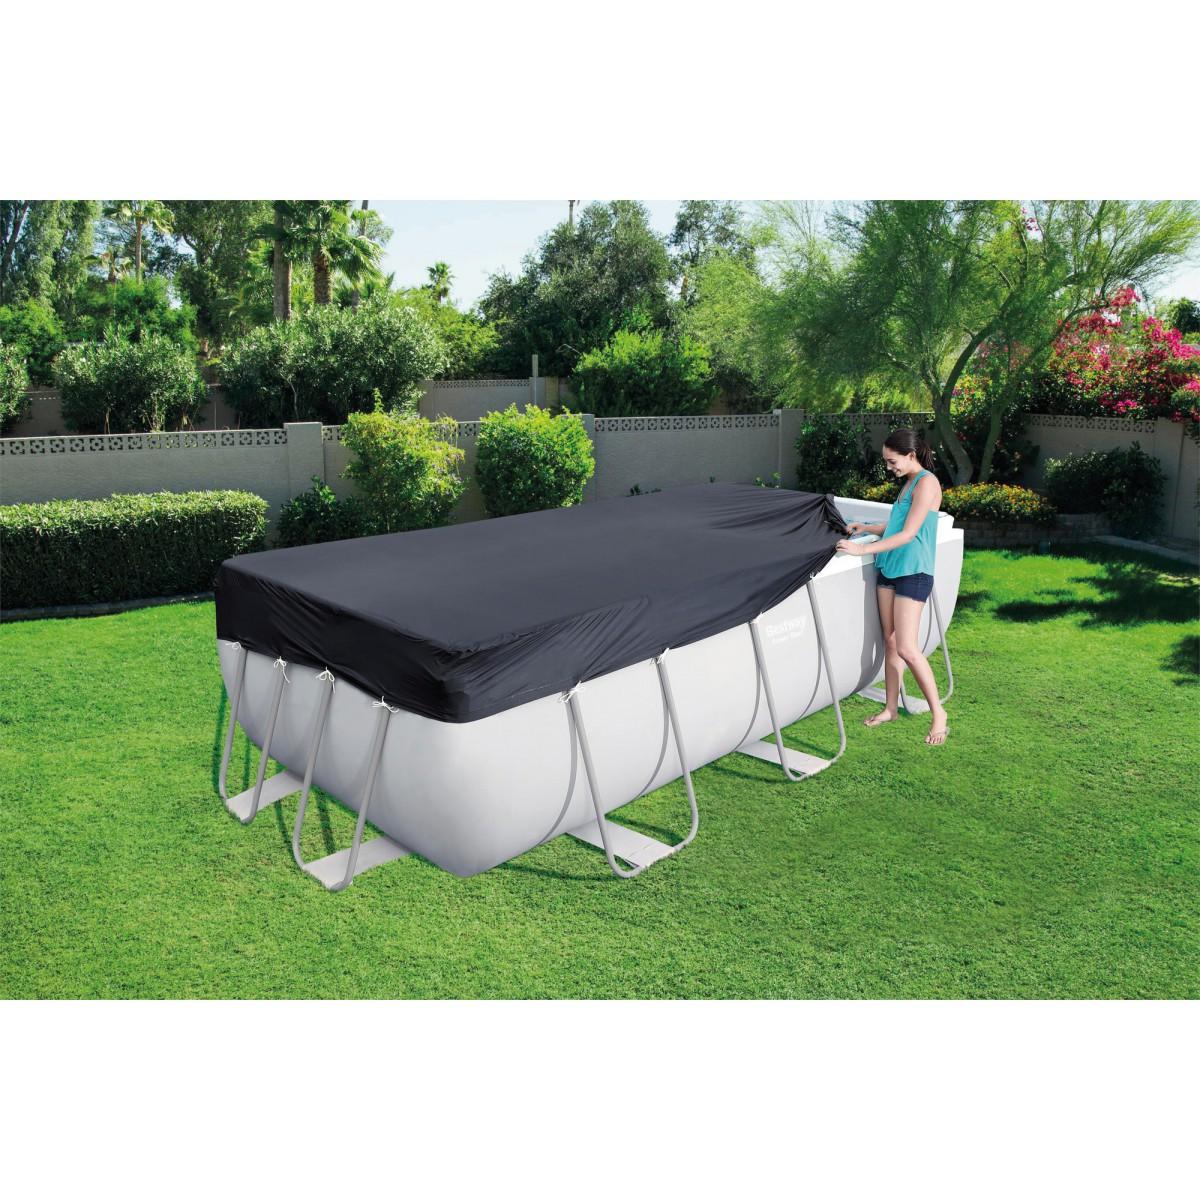 Bâche 4 saisons pour piscine rectangulaire Steel Pro Bestway - Longueur 4,12 m - Largeur 2,01 m